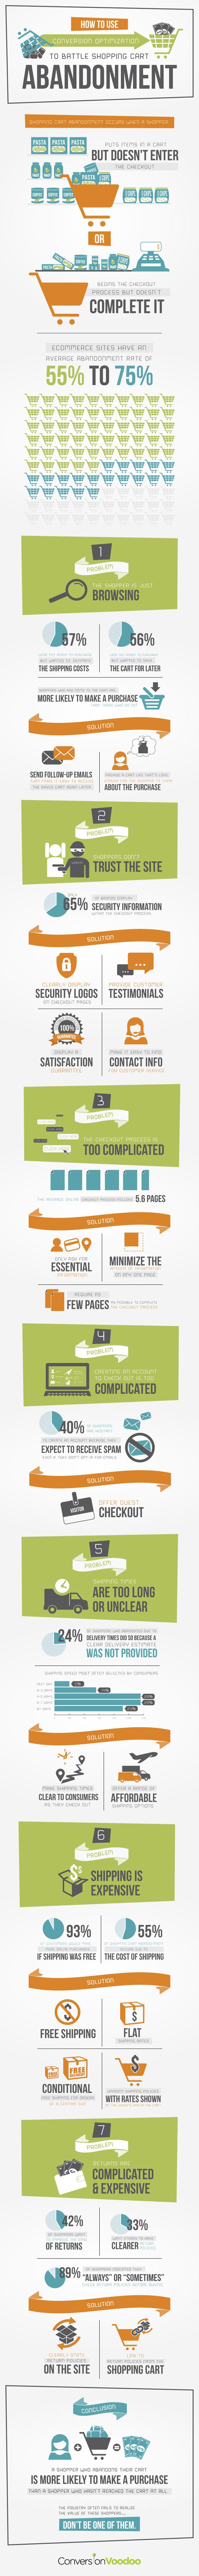 winkelwagen-optimalisatie-conversiepad-infographic